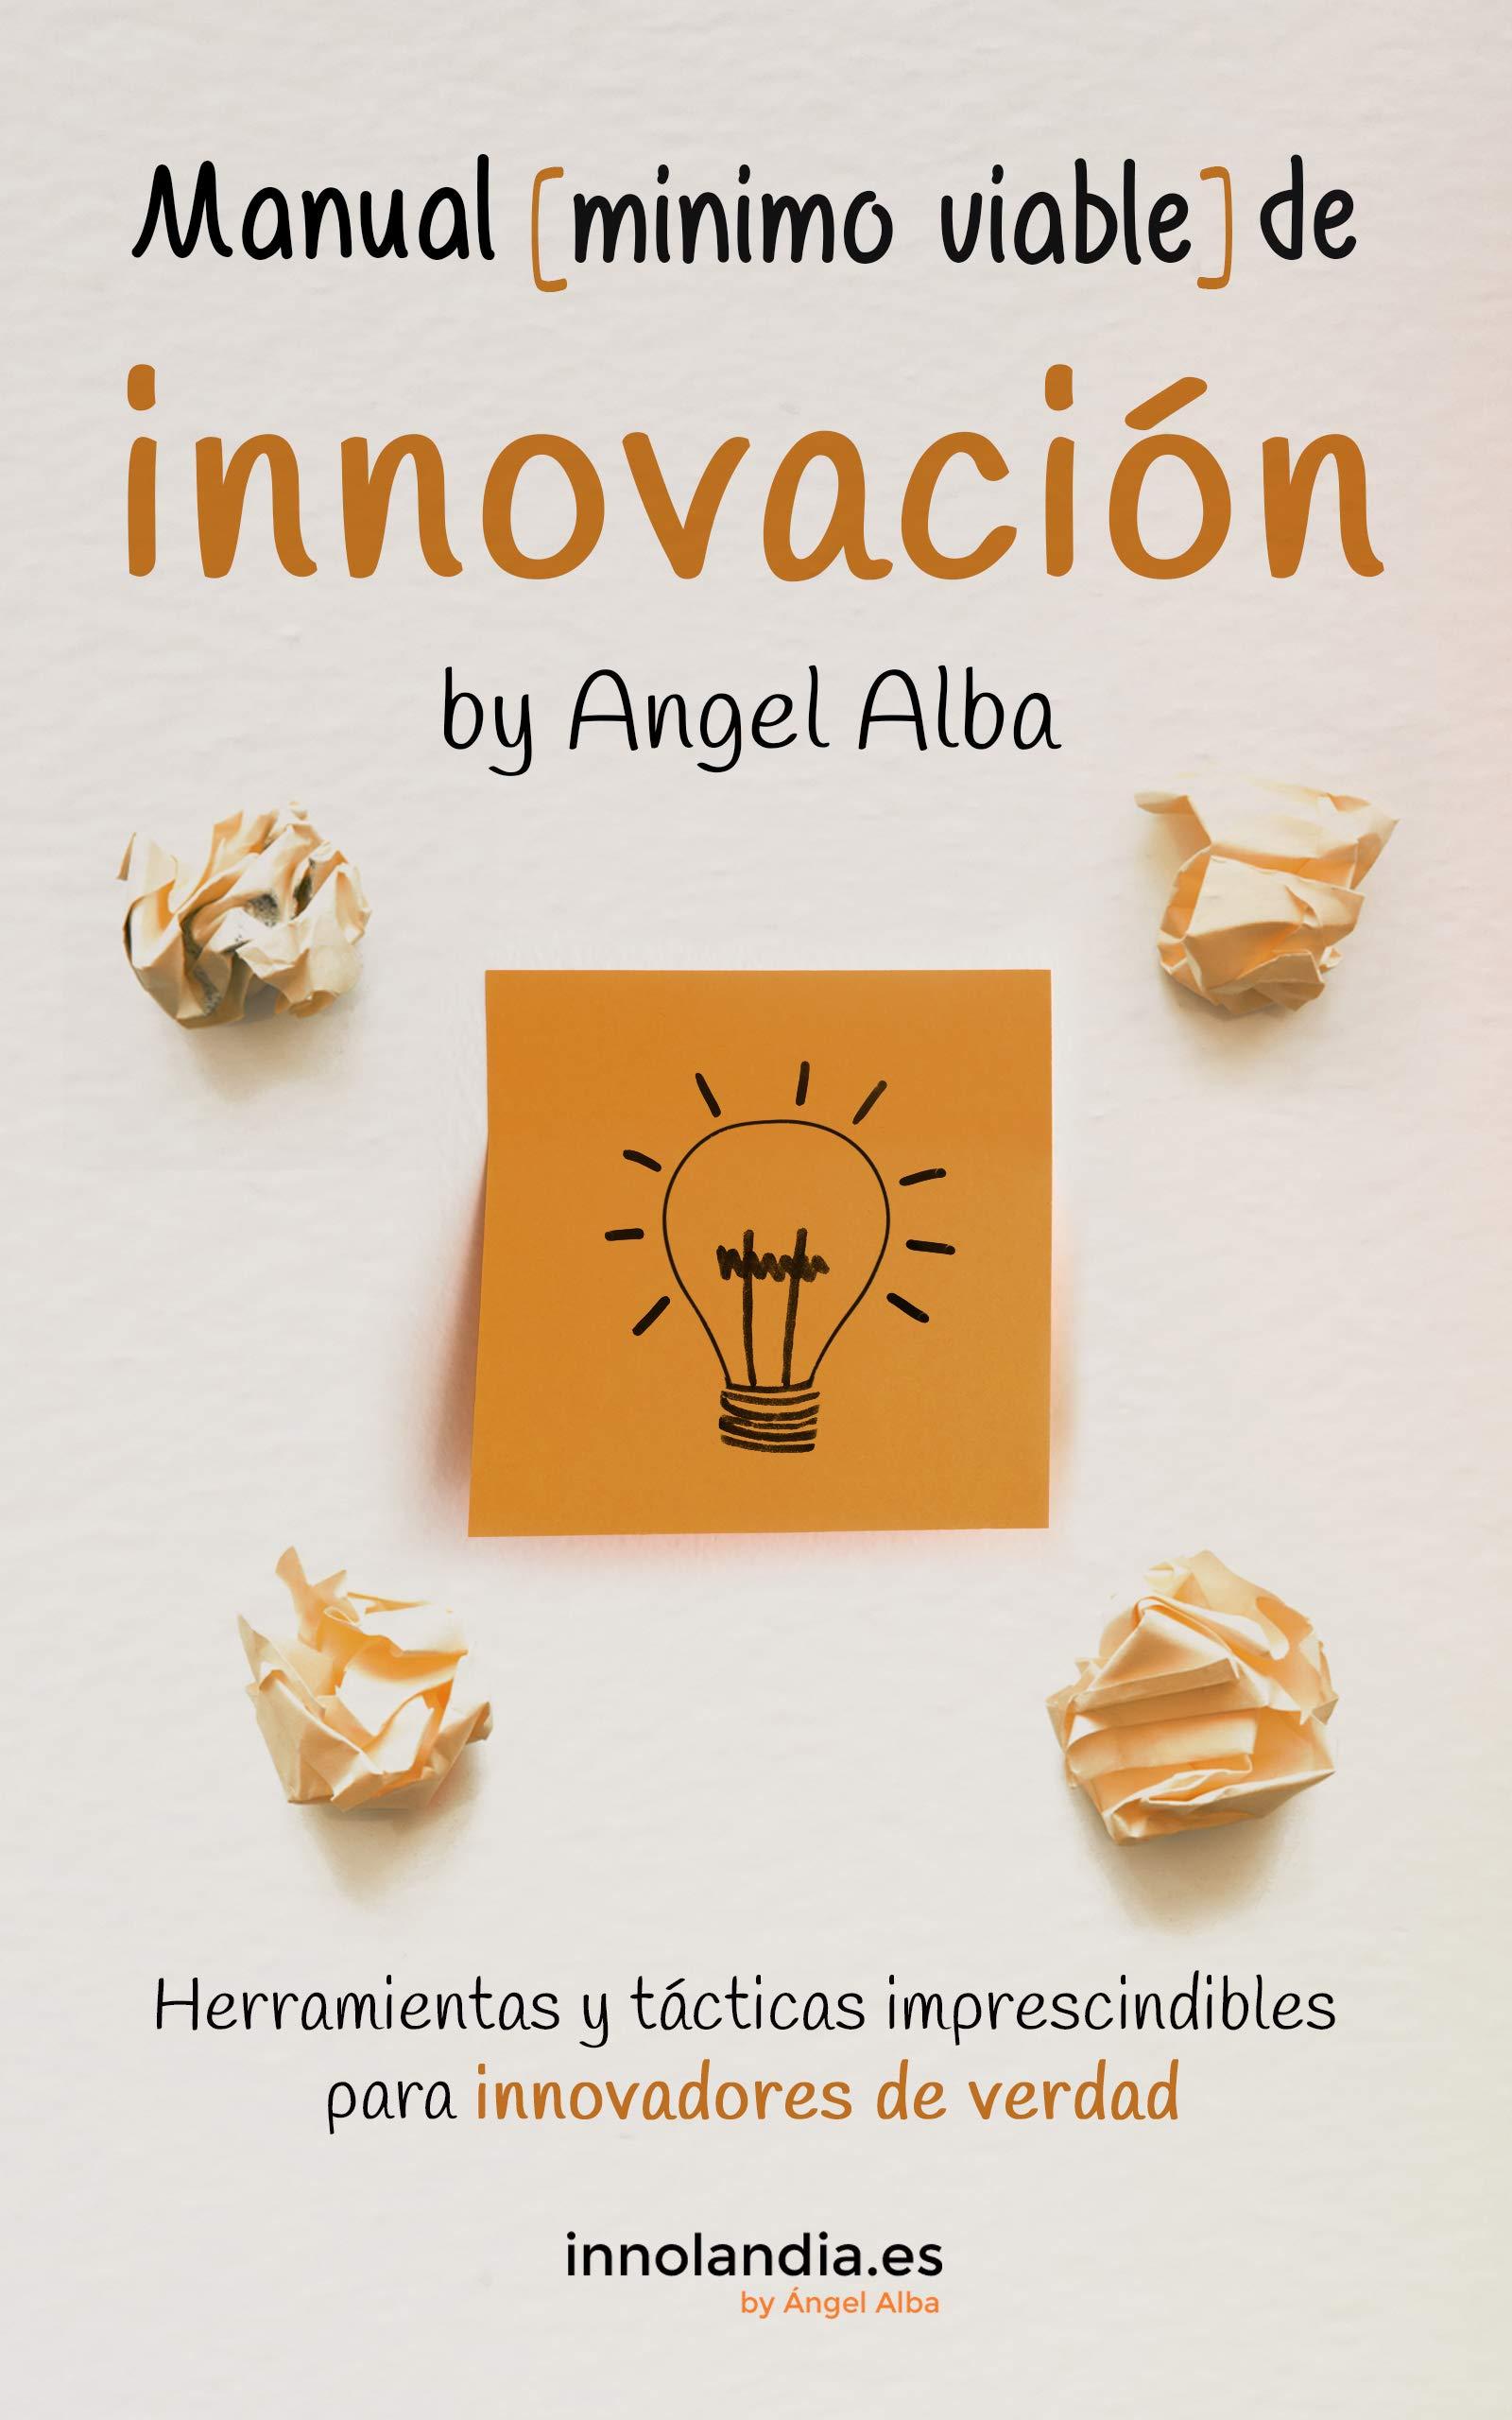 Manual Mínimo Viable de Innovación: Herramientas y tácticas imprescindibles para innovadores de verdad (Innovación Ágil nº 1)